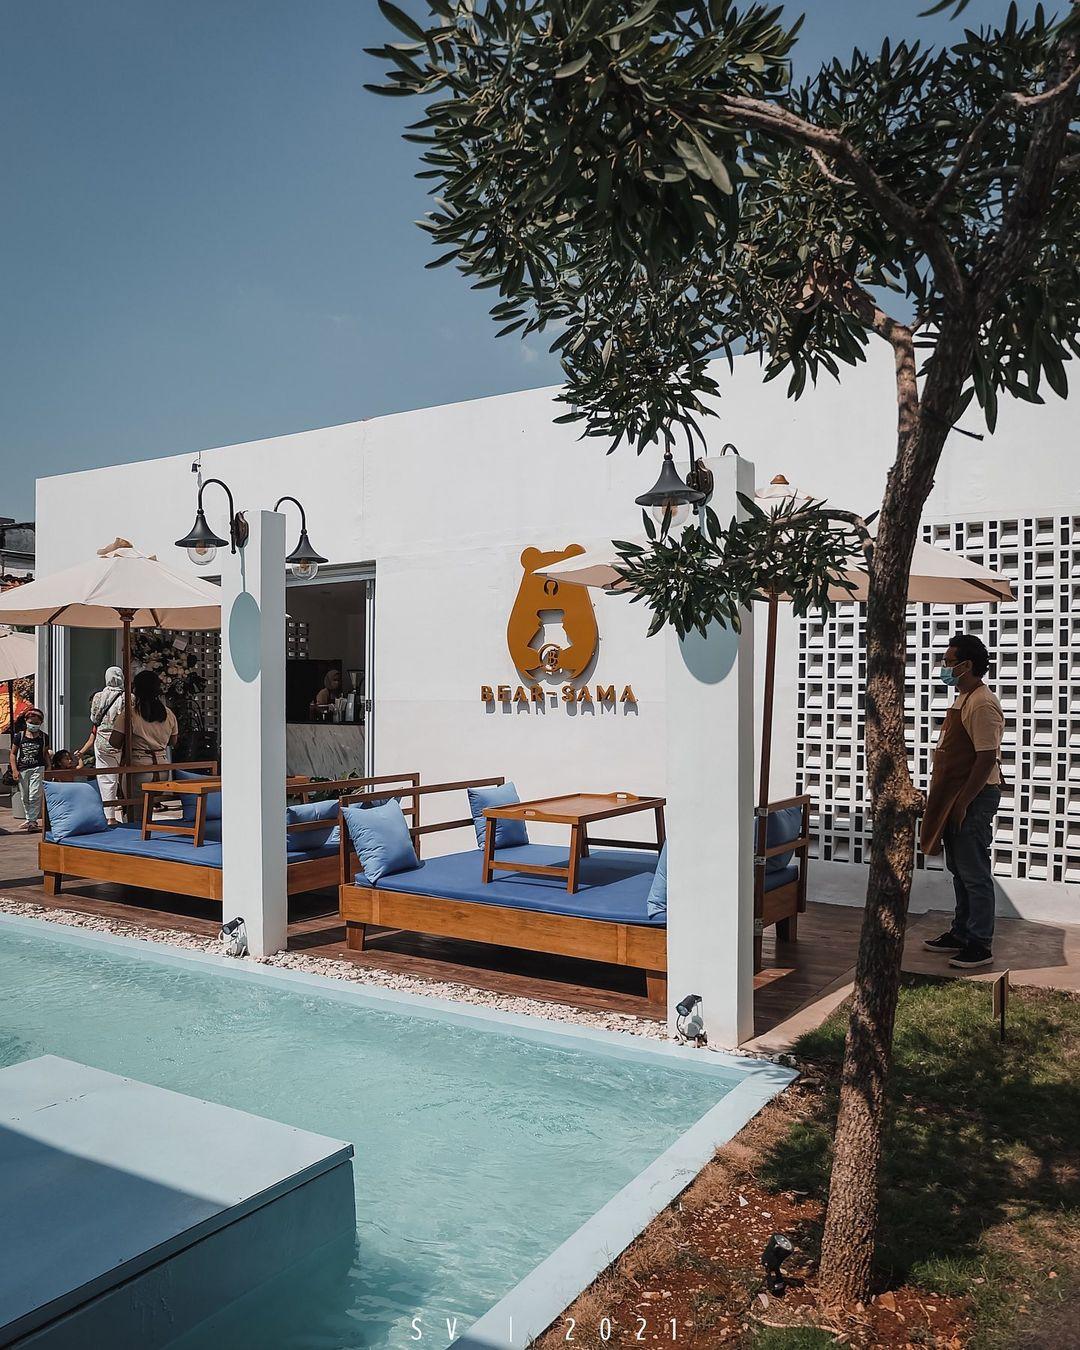 Bear Sama Cafe Meruya